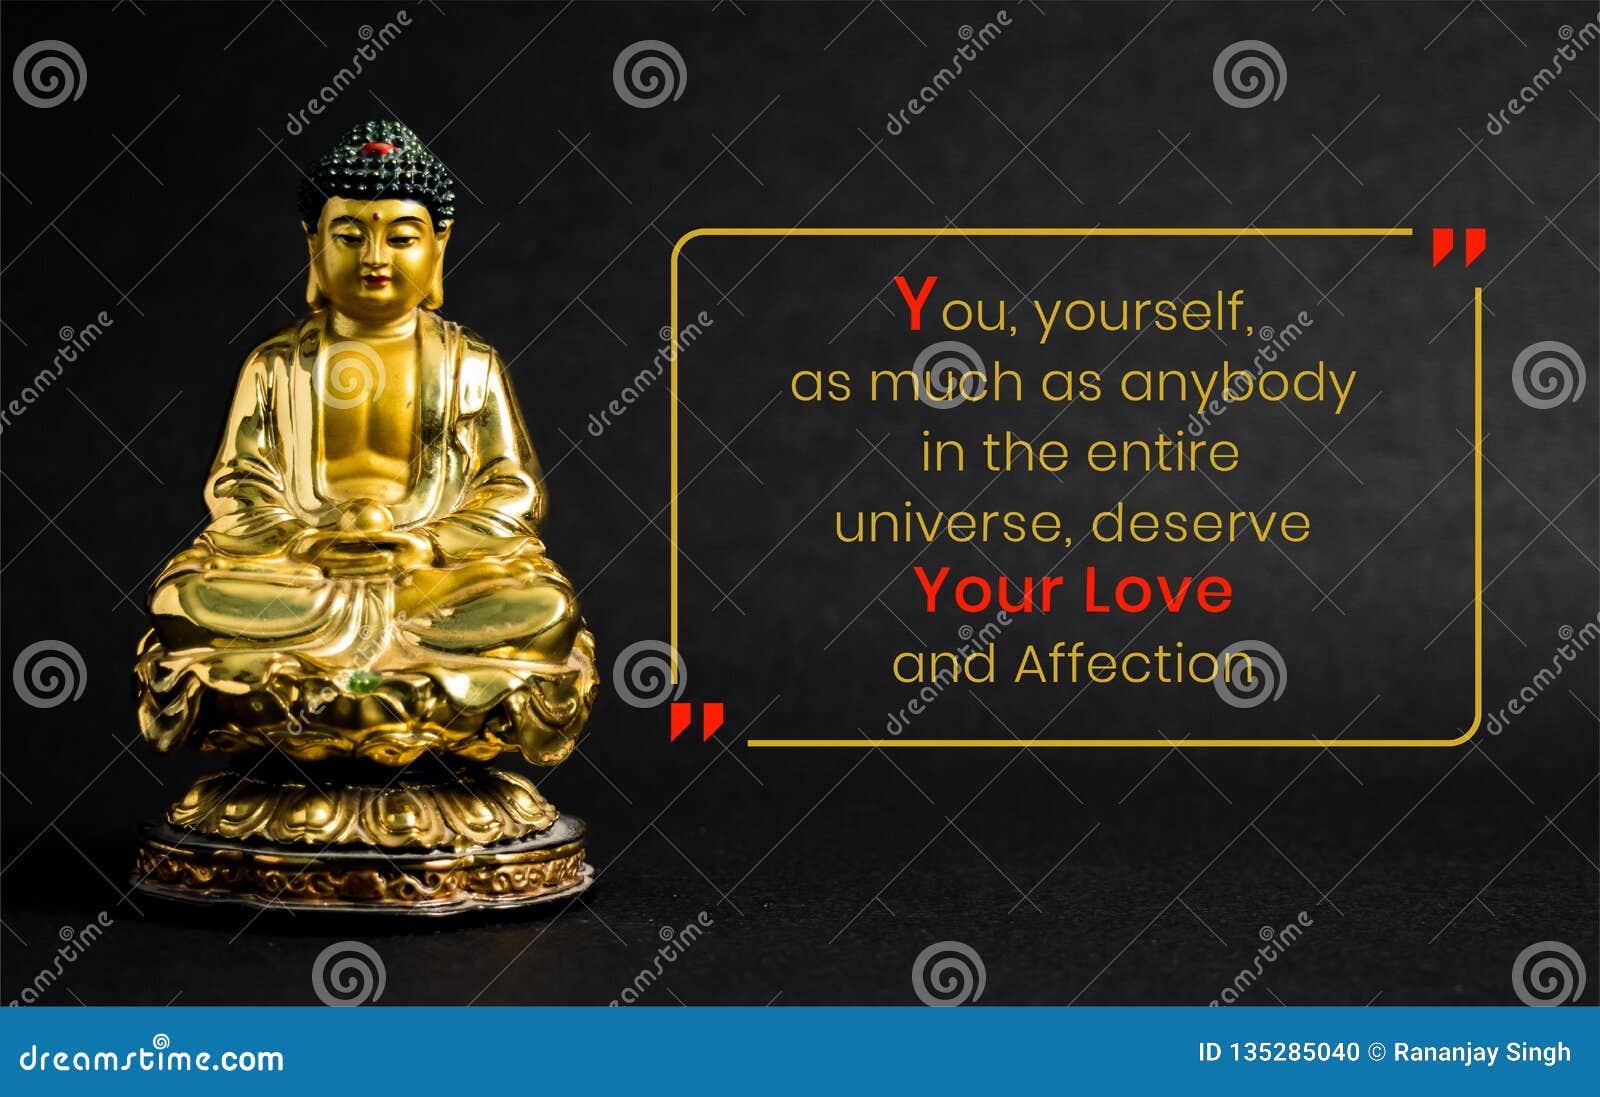 您,你自己,和任何人一样多在整个宇宙,需要您的爱和喜爱